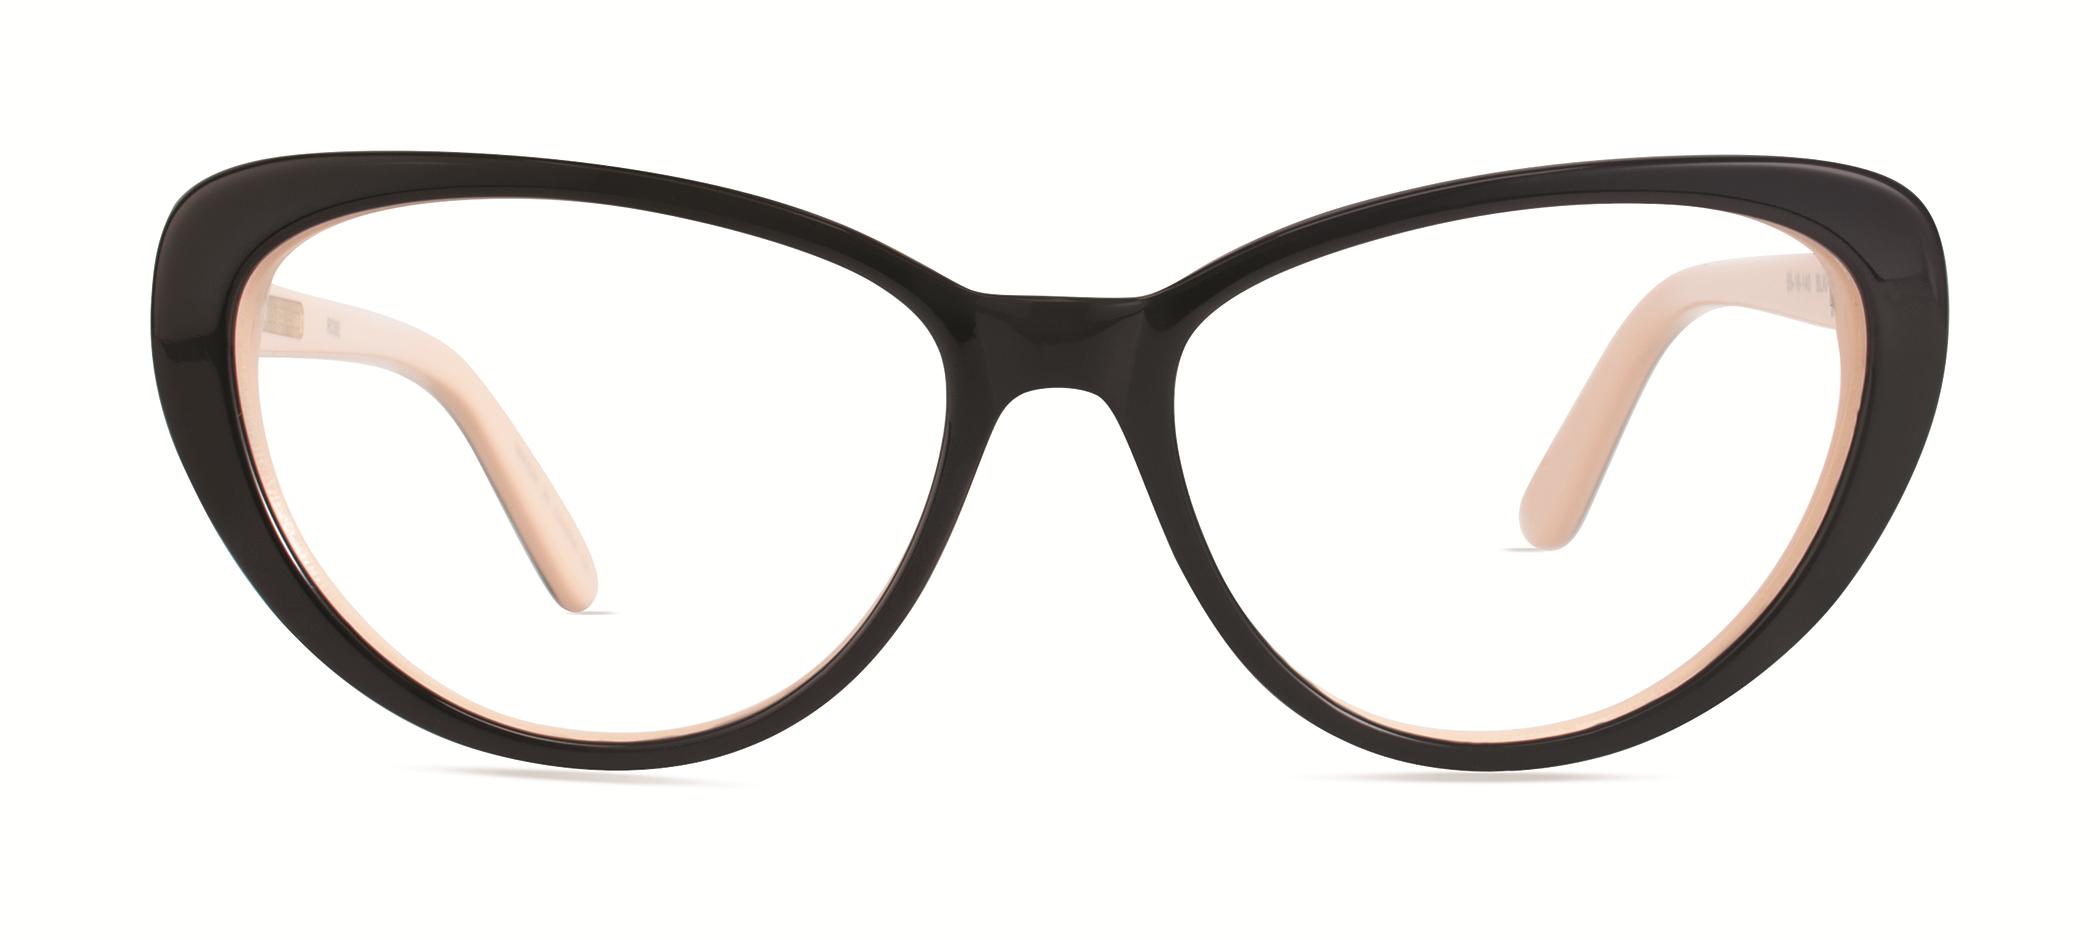 Black Frame Glasses Trend : Trend Alert: Chunky Black Eyeglass Frames